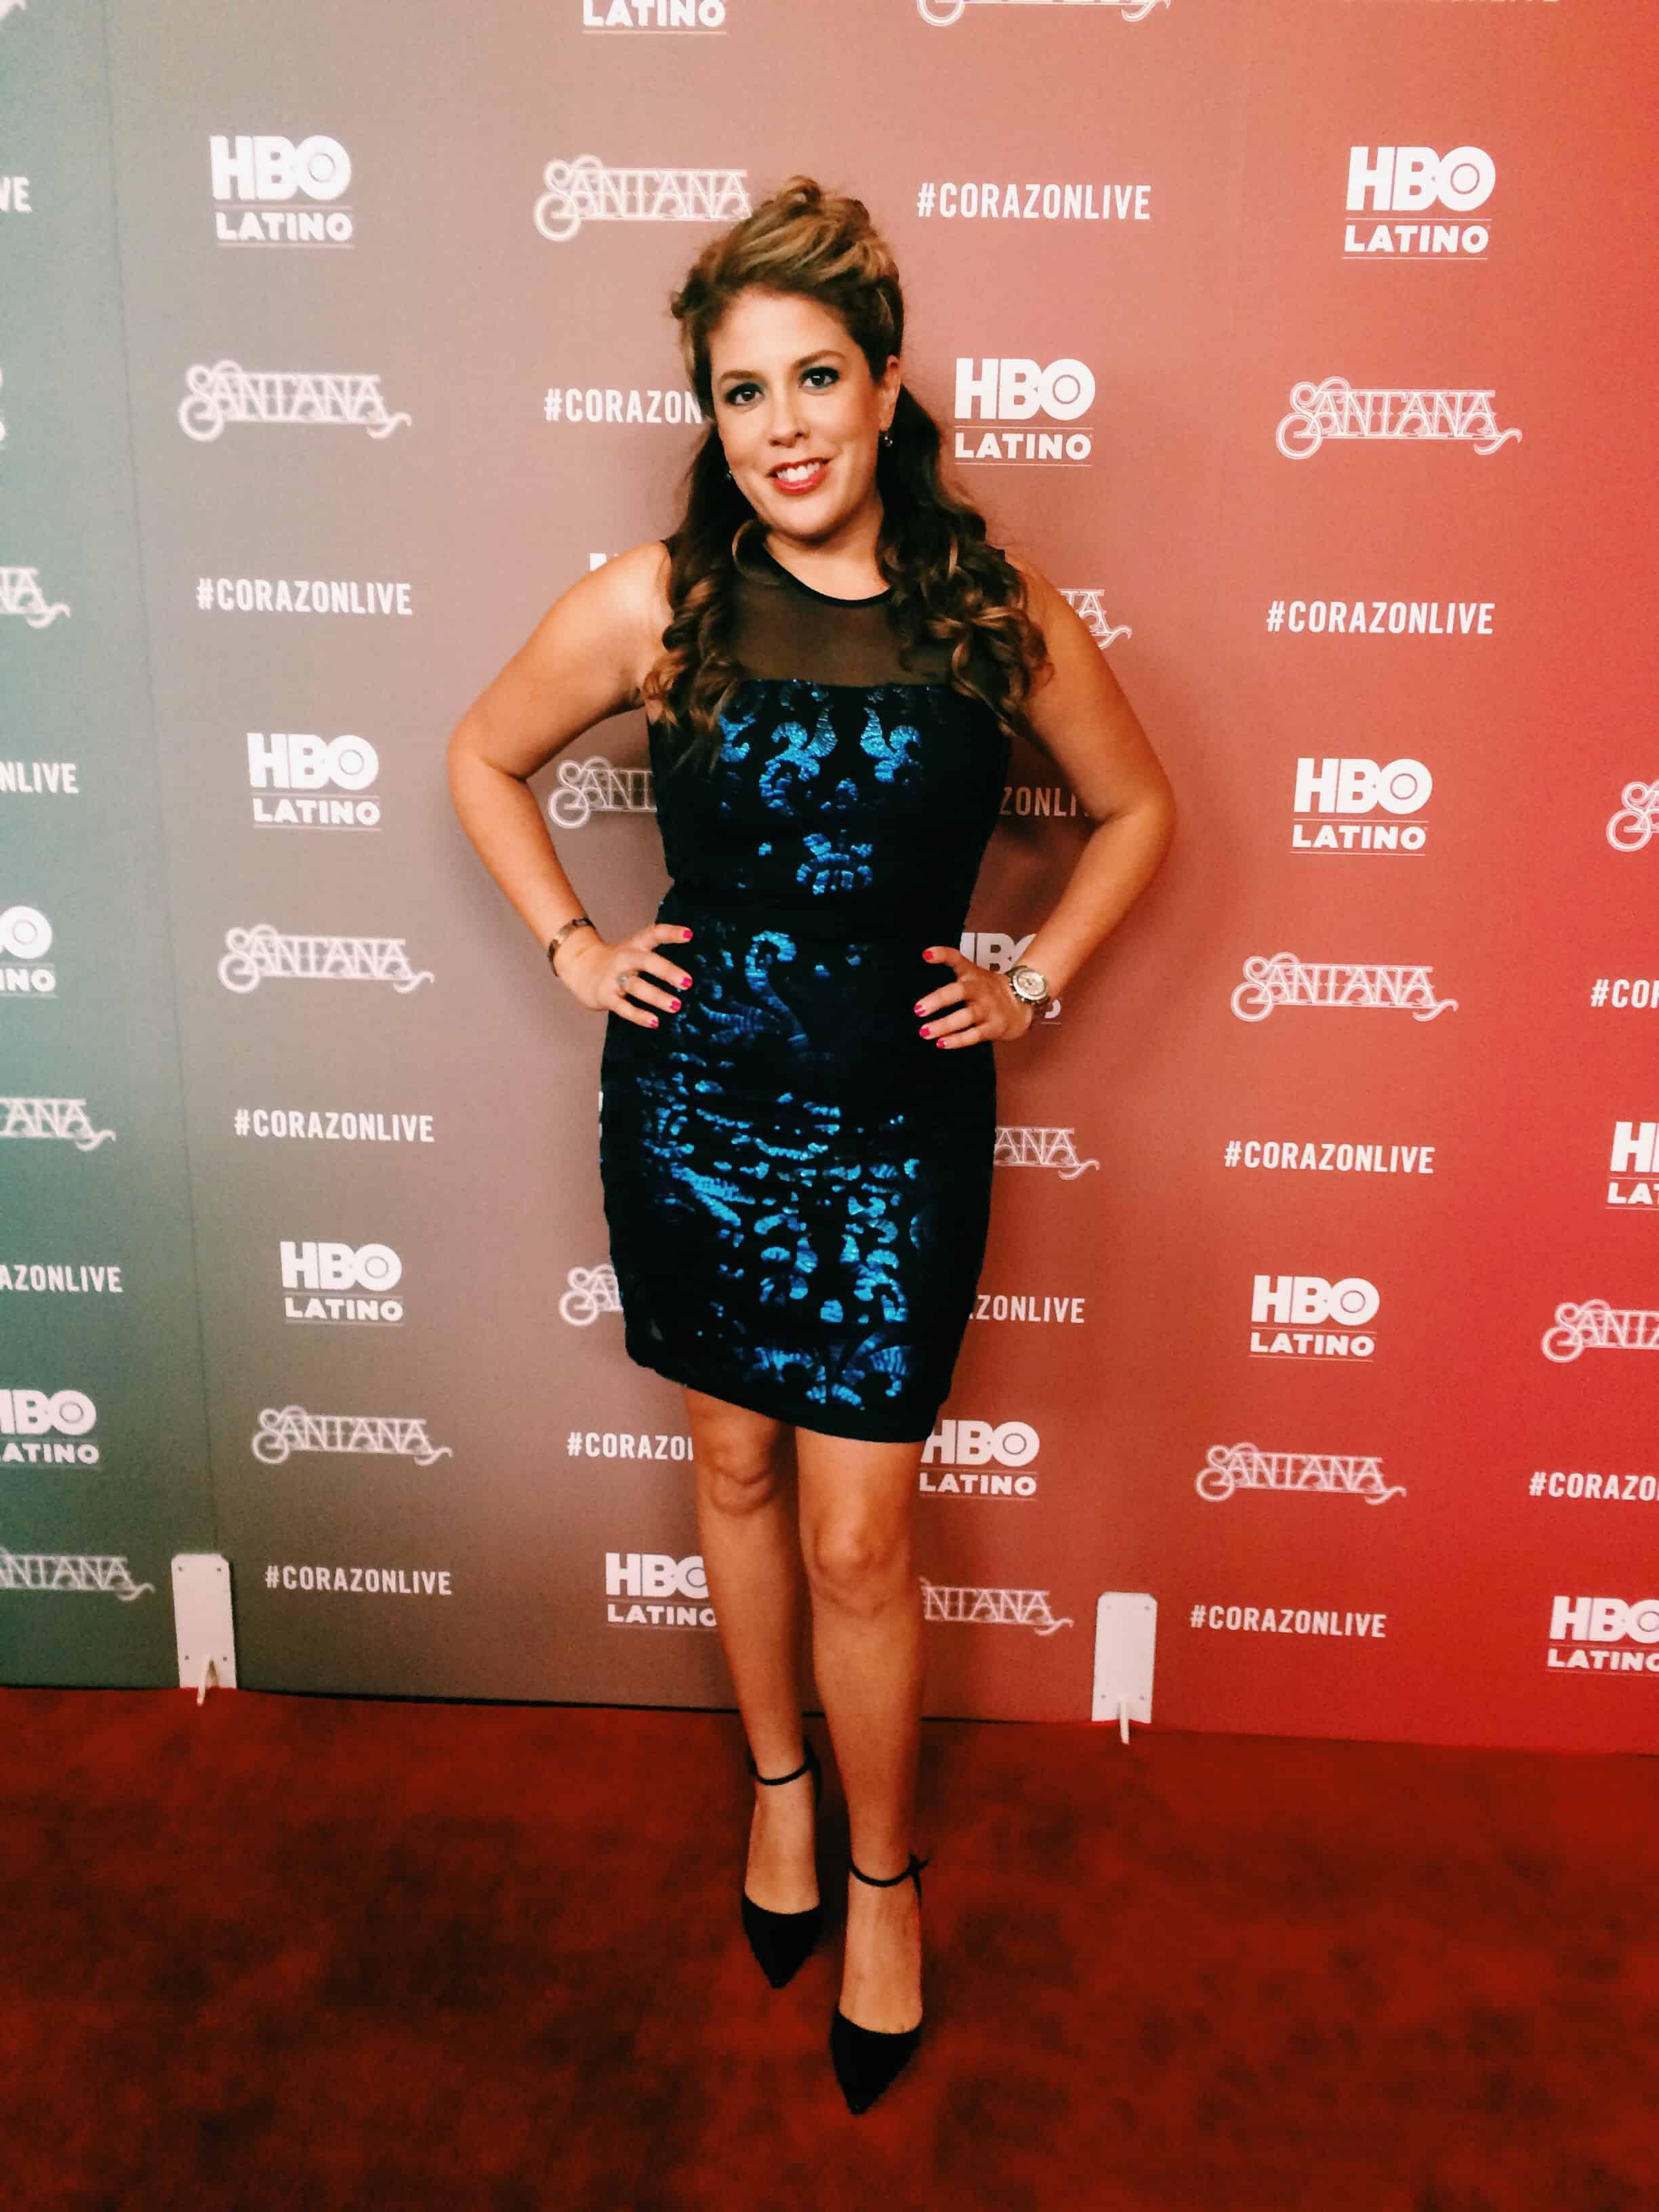 Lizza-Morales-HBOLatino-Carlos-Santana-Red-Carpet